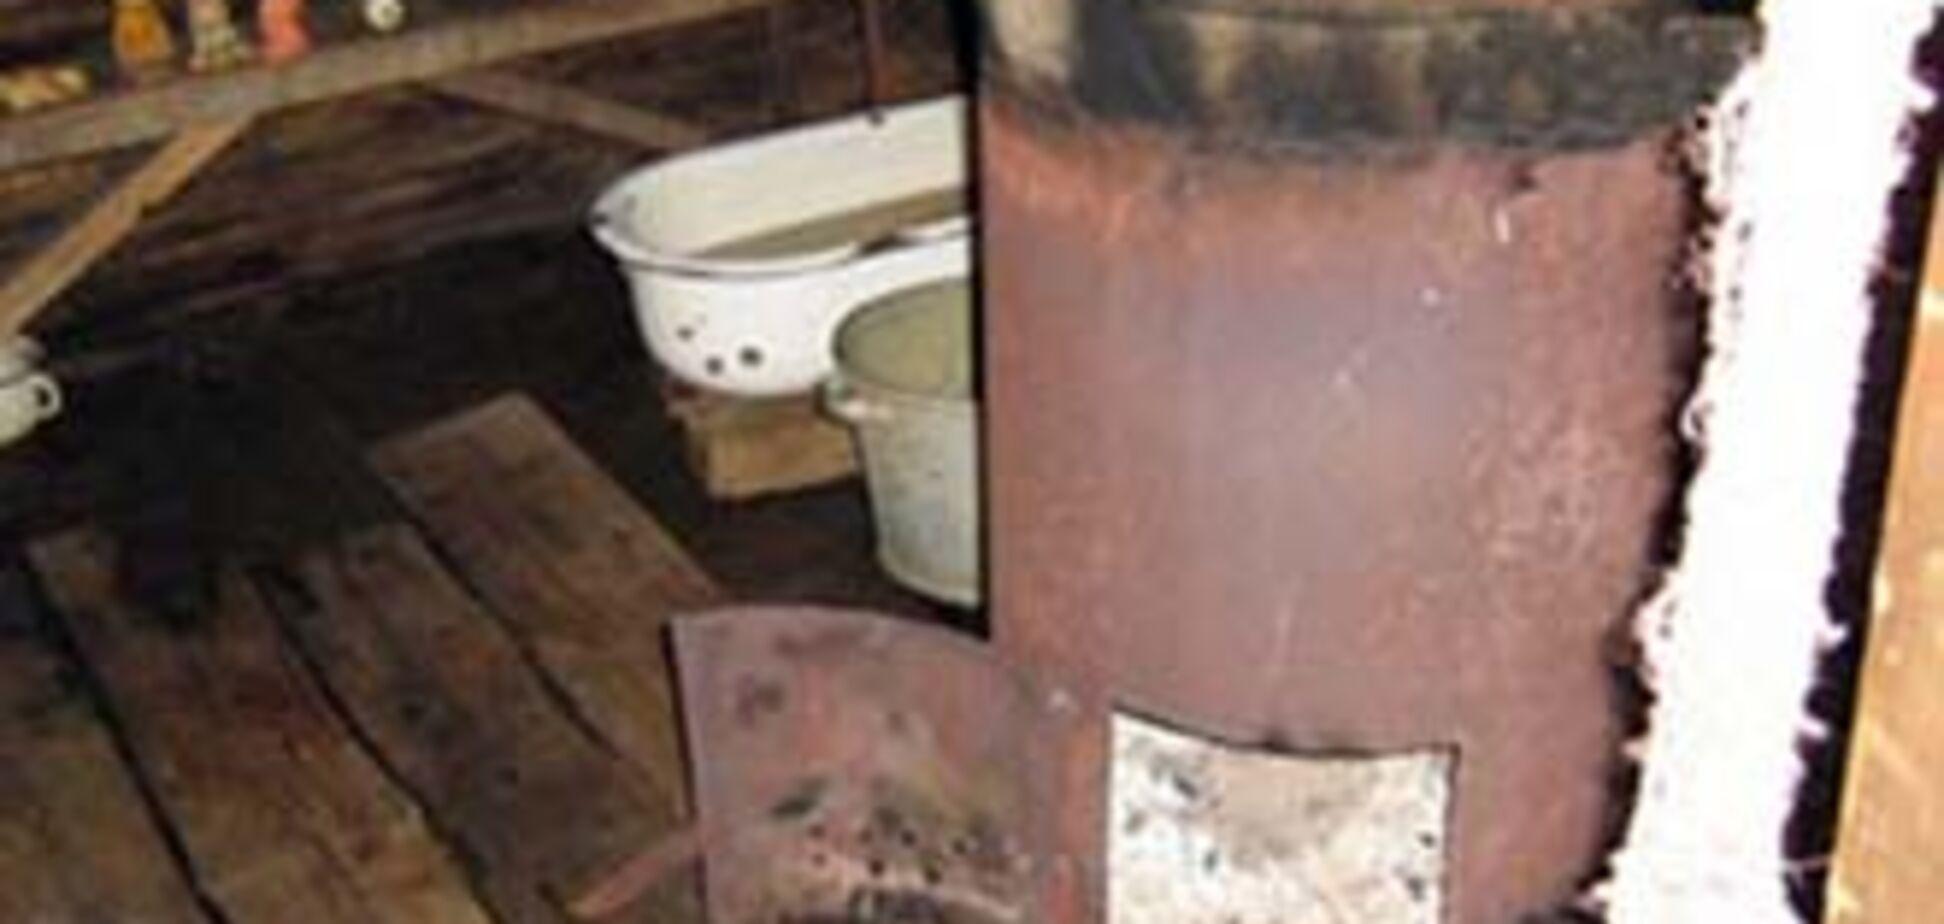 Мать сожгла новорожденного ребенка в печи